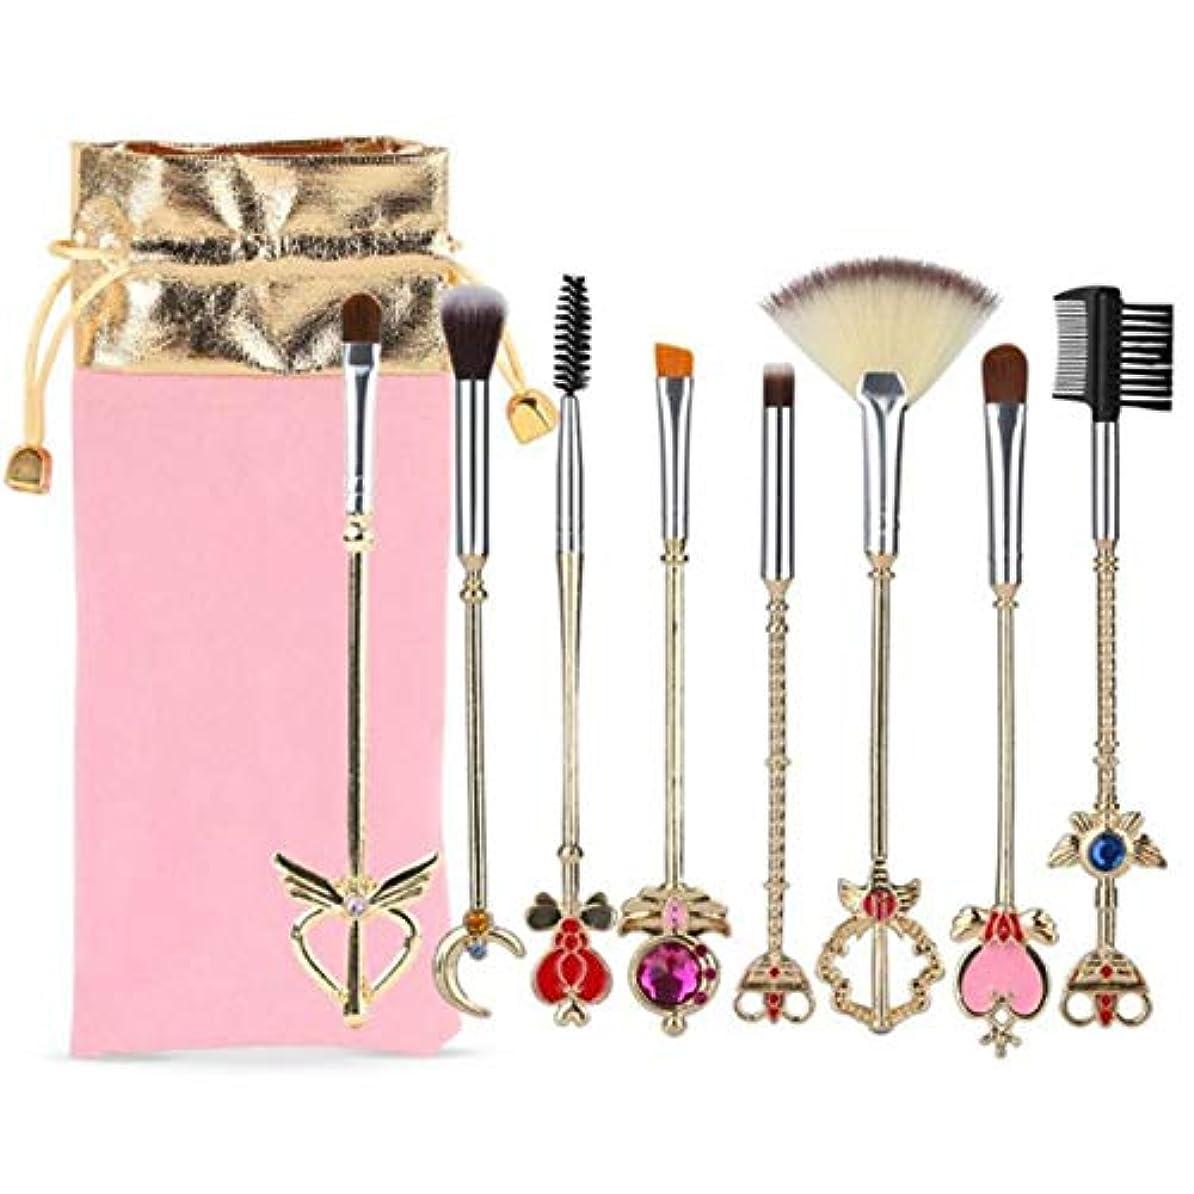 静かなペルセウスストレンジャーQuzama-JS よく作られた8 PCのセーラームーン化粧ブラシは、ポーチ、魔法の女の子ゴールドcardcaptor桜の化粧ブラシでセットされた巾着バッグ